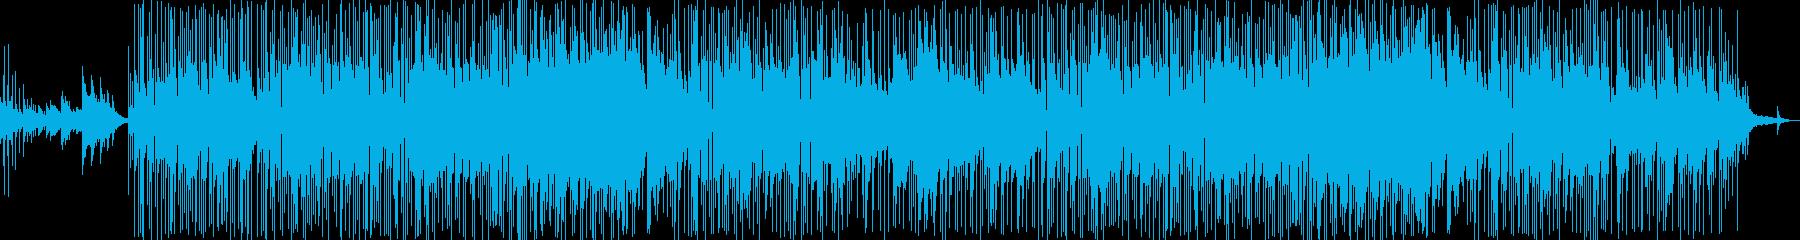 メロウでおしゃれでアンニュイなボサノバの再生済みの波形